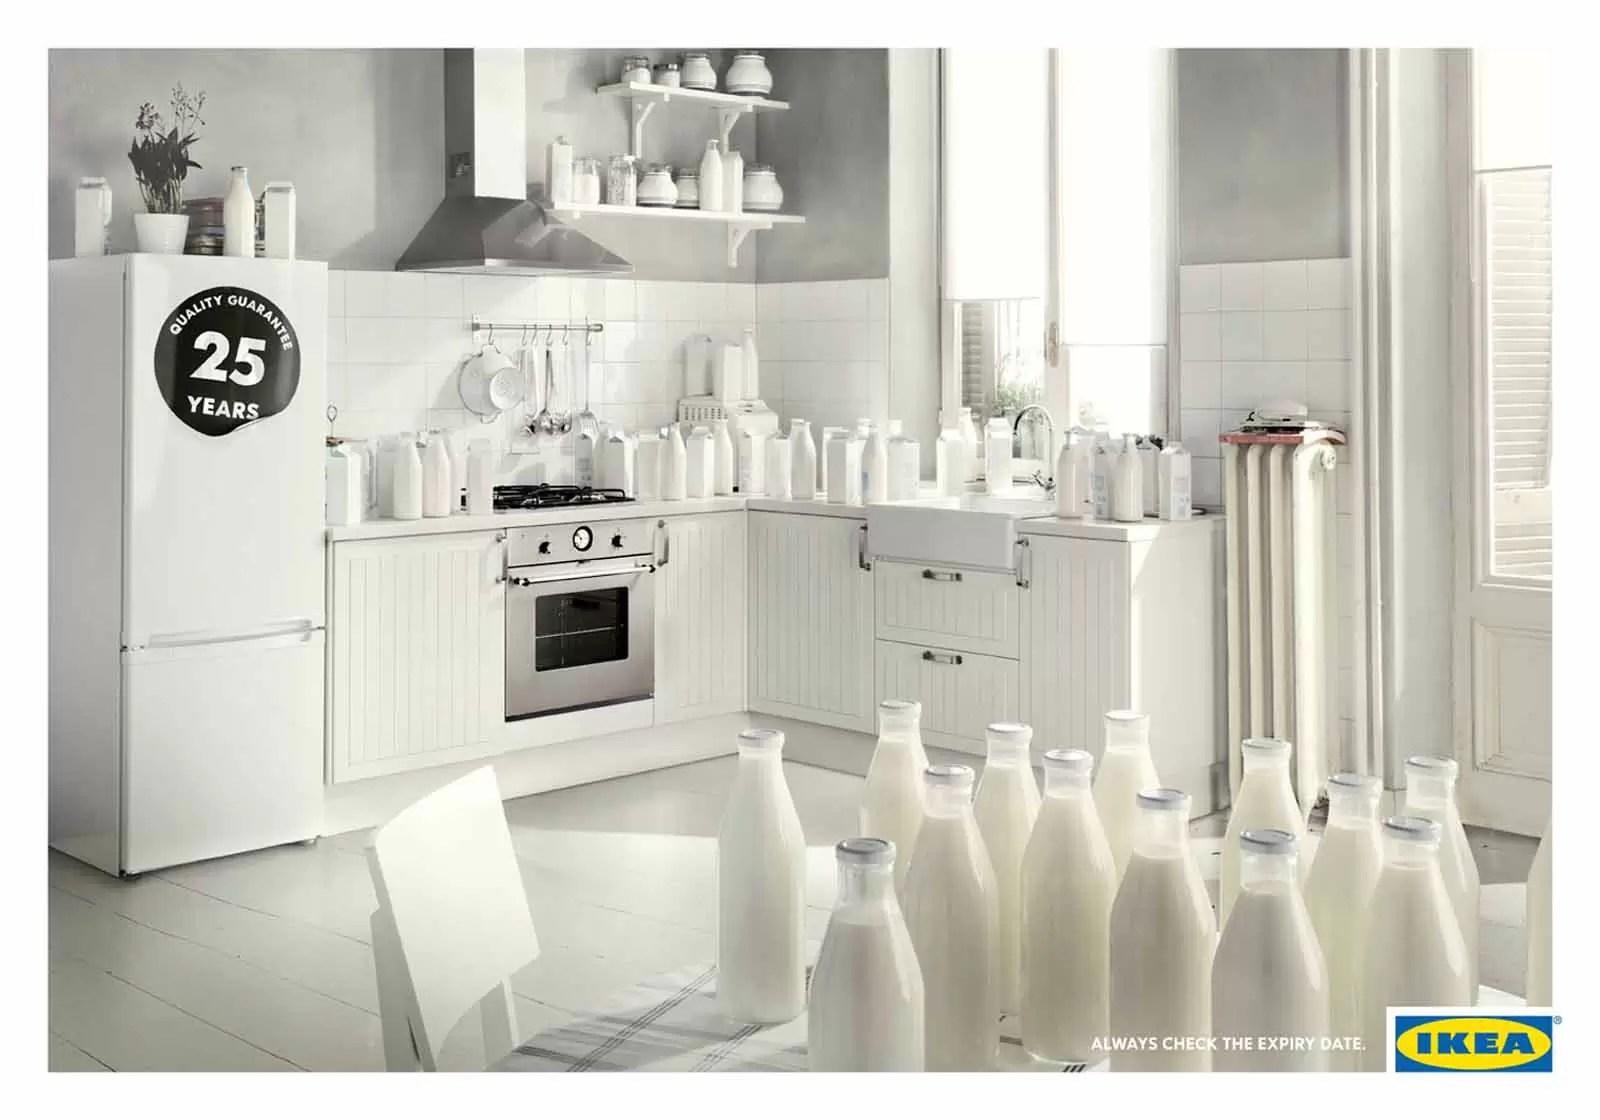 Comprare una delle cucine fai da te Ikea